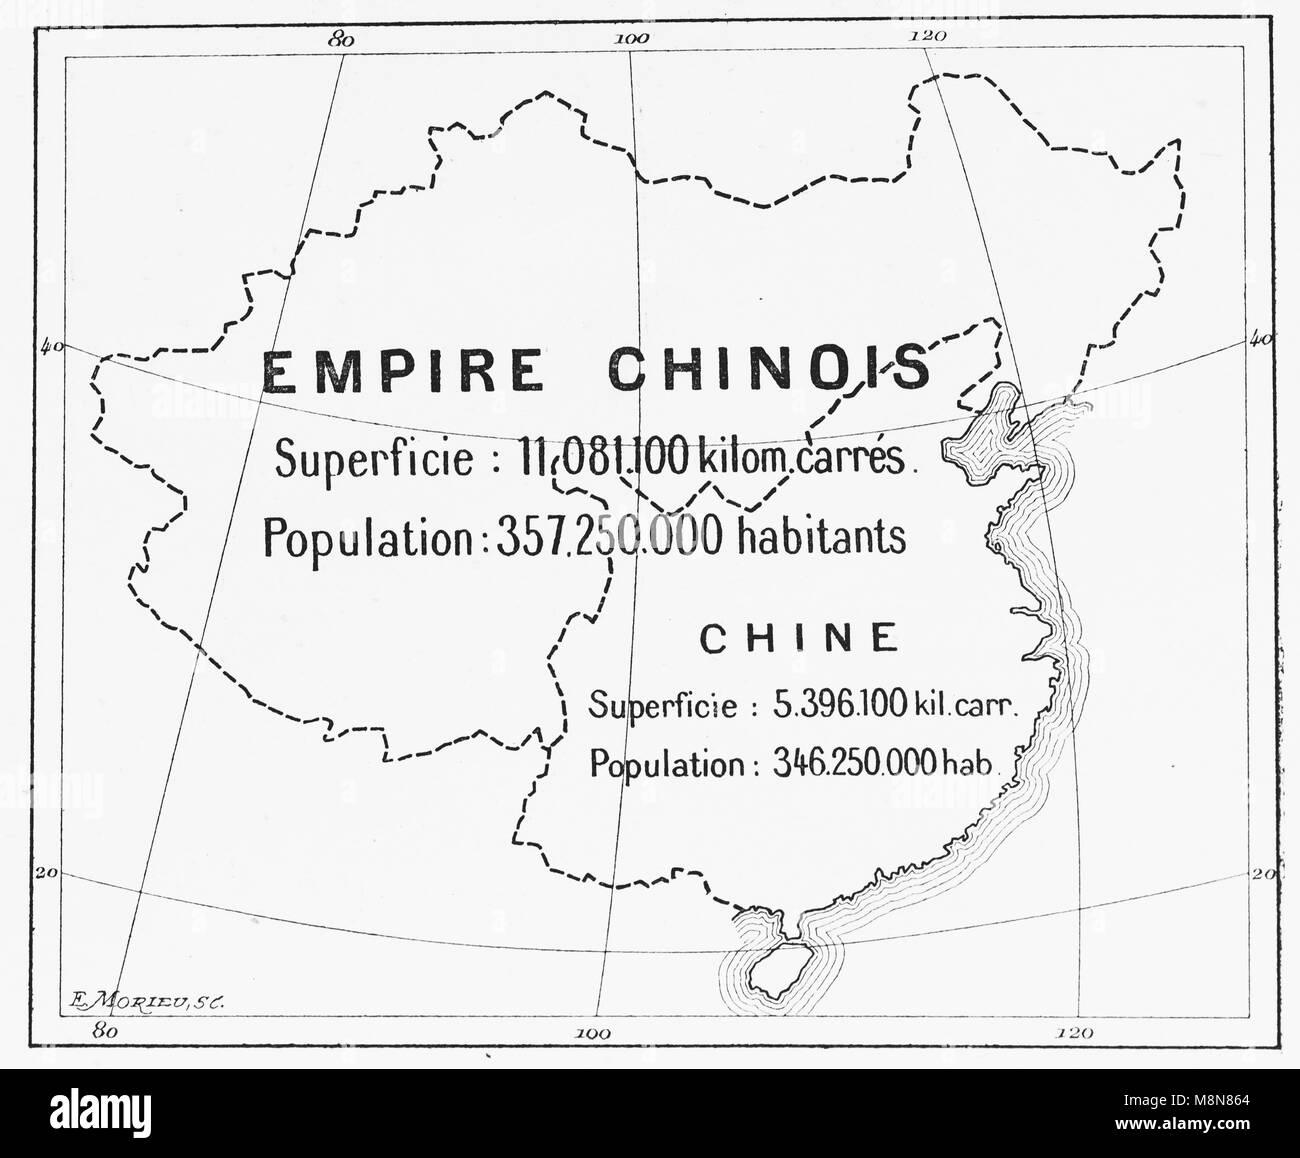 Mappa dell'Impero cinese nel 1900, Immagine dal settimanale francese quotidiano l'illustrazione, 27 Ottobre Immagini Stock